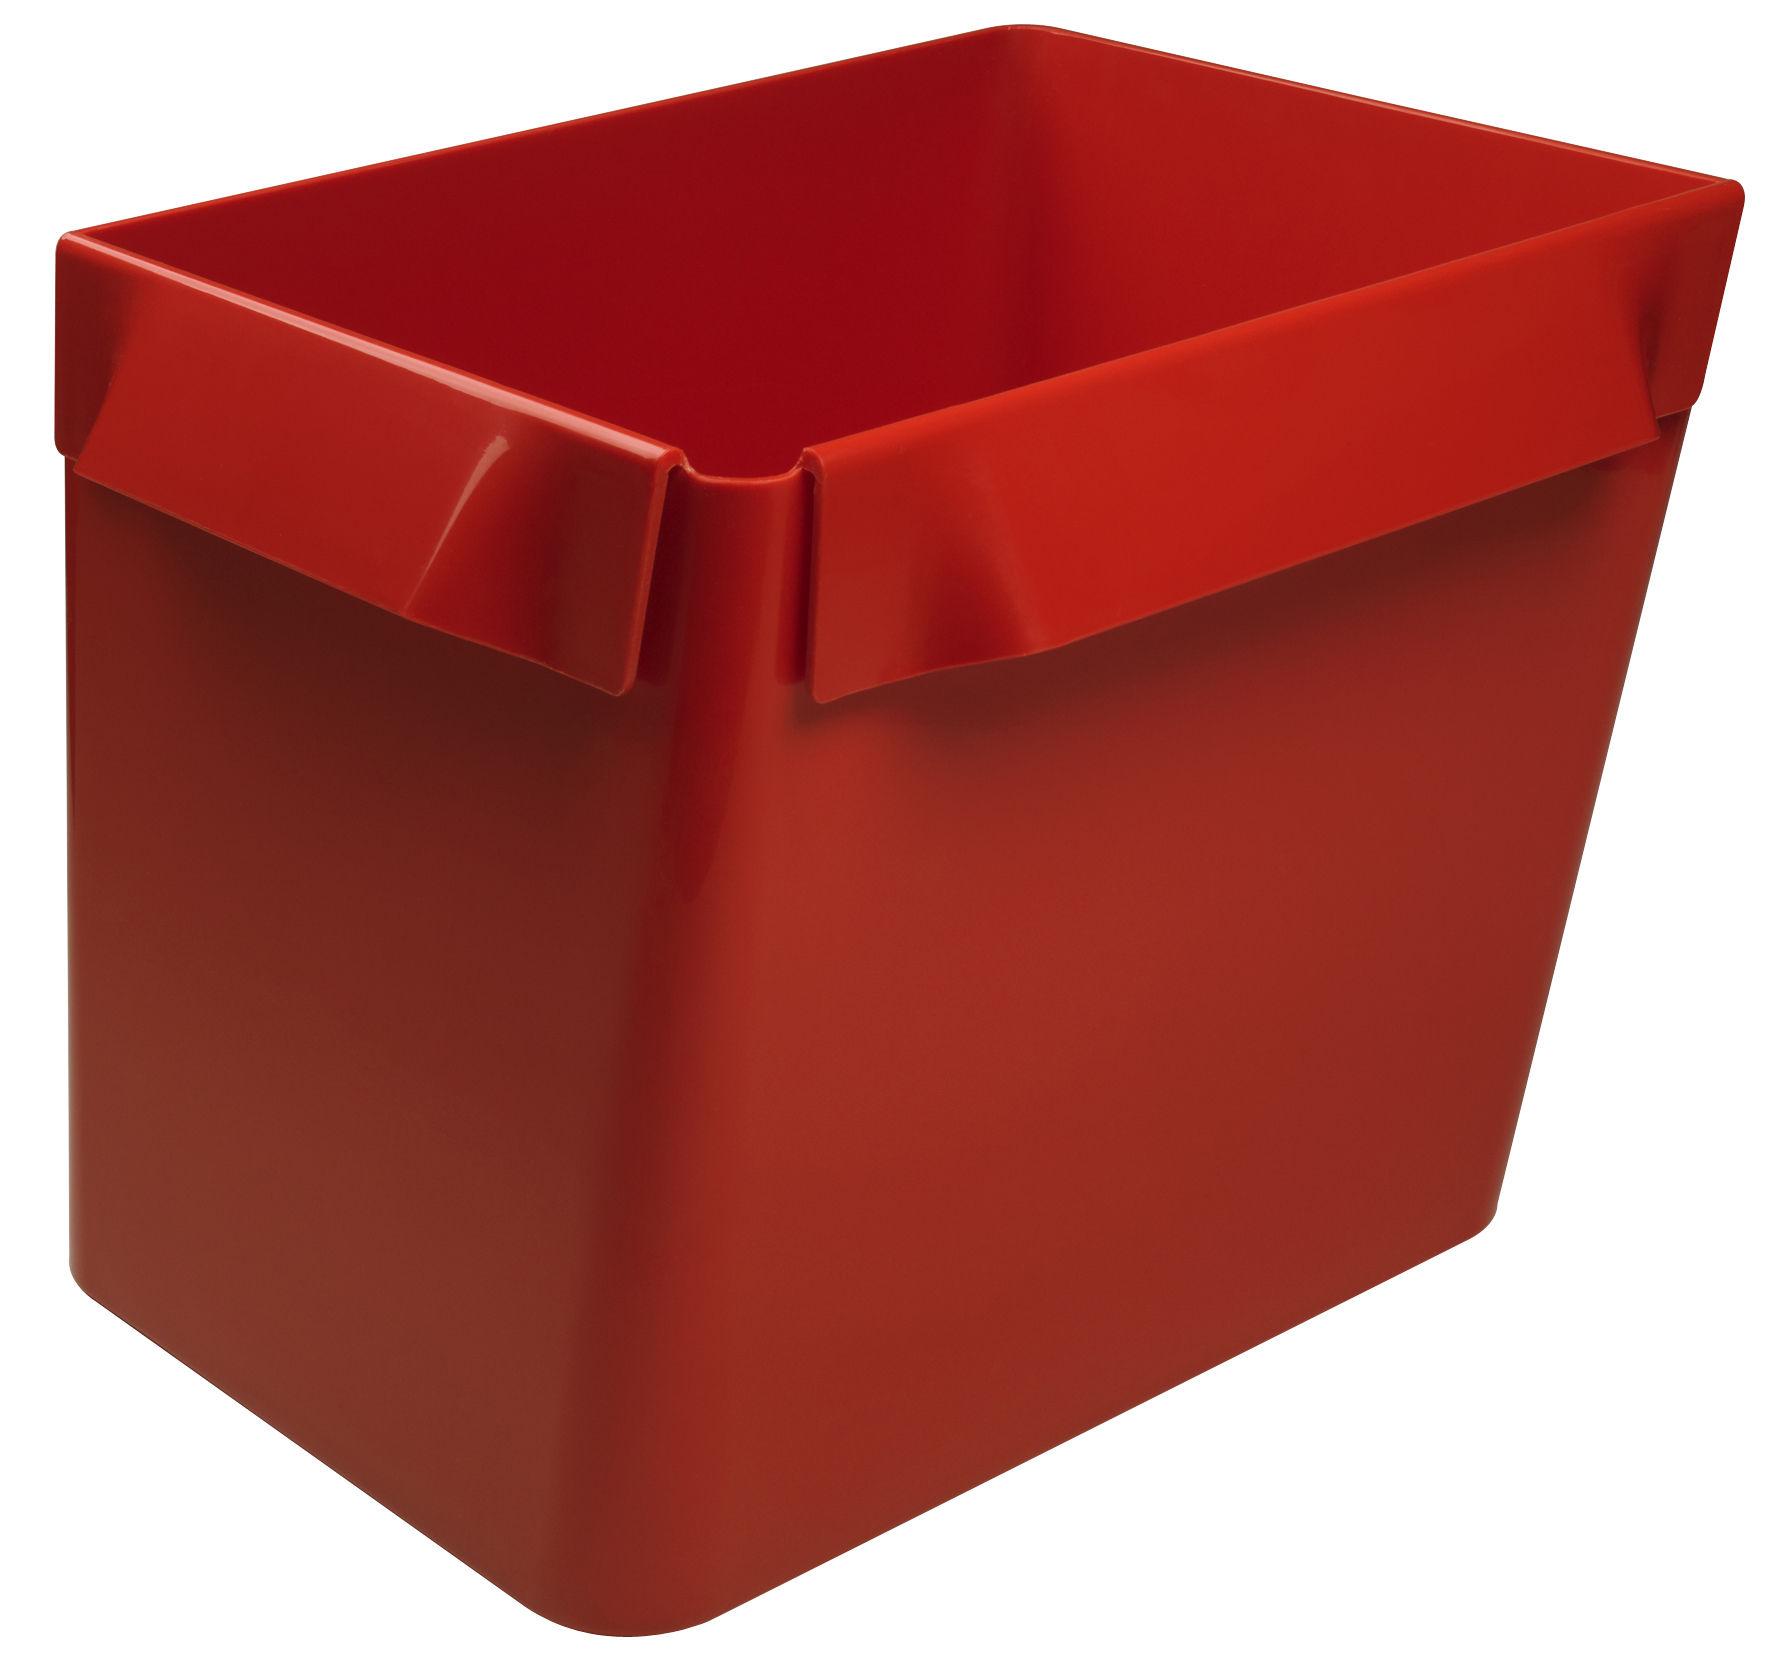 Cucina - Cesti - Cestino Big Bin - Ripiano modulabile di Authentics - Rosso - ABS